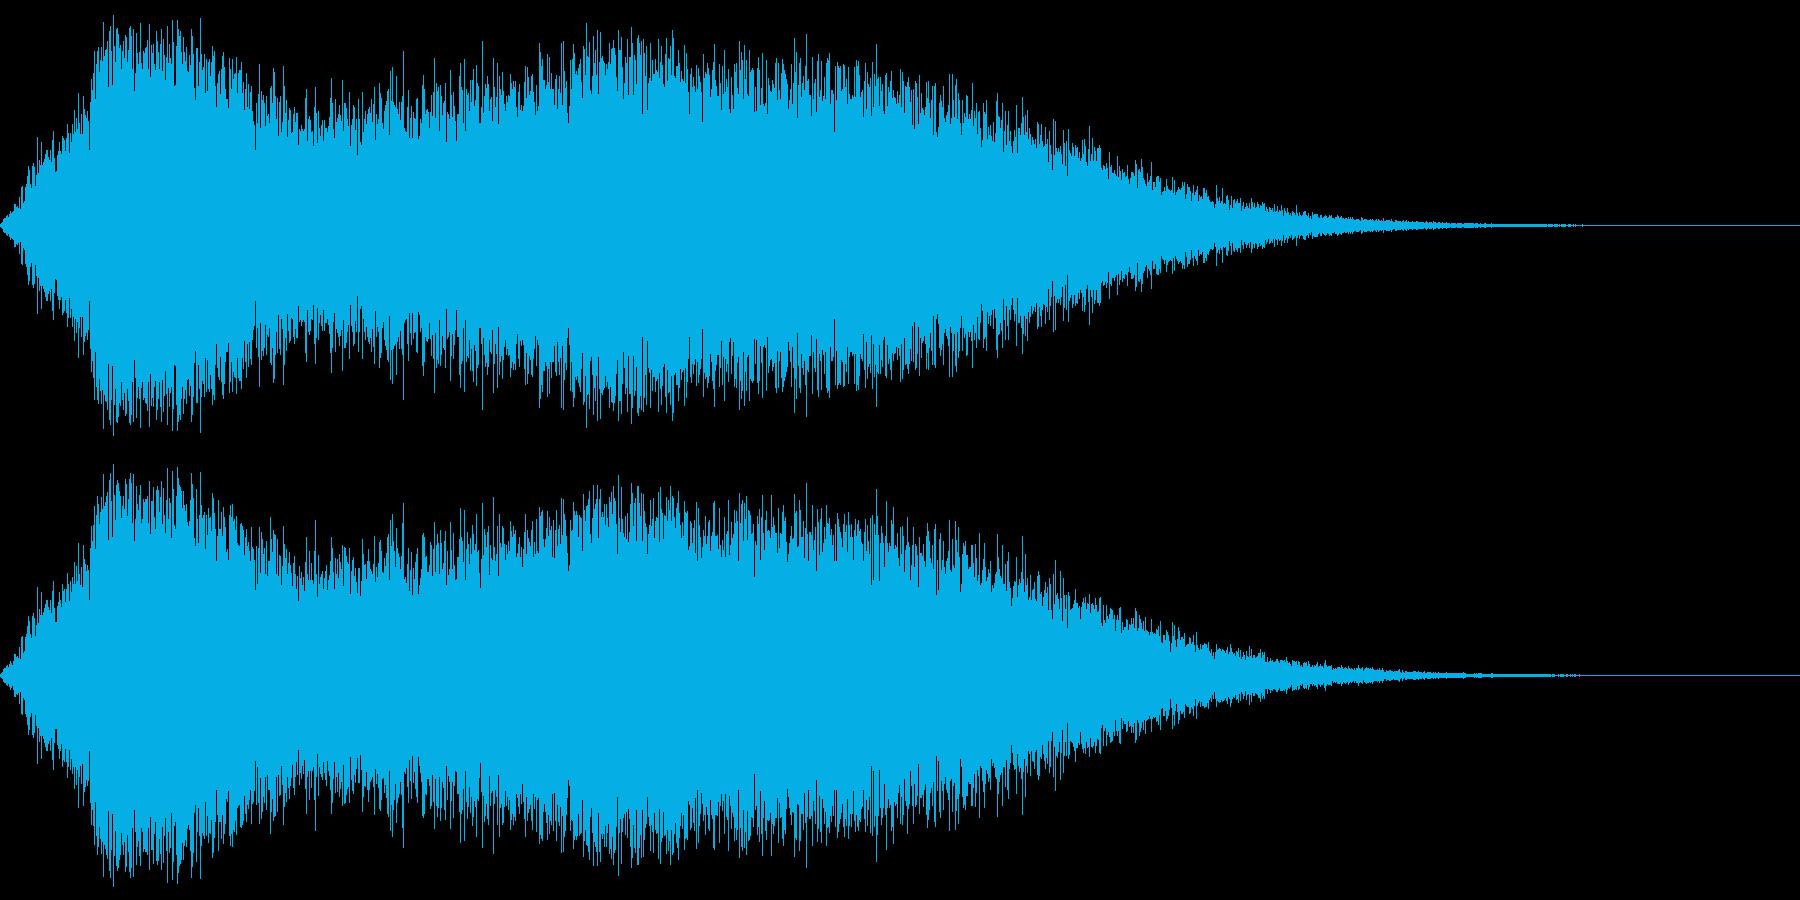 アニメにありそうなミサイルが飛び交う音の再生済みの波形